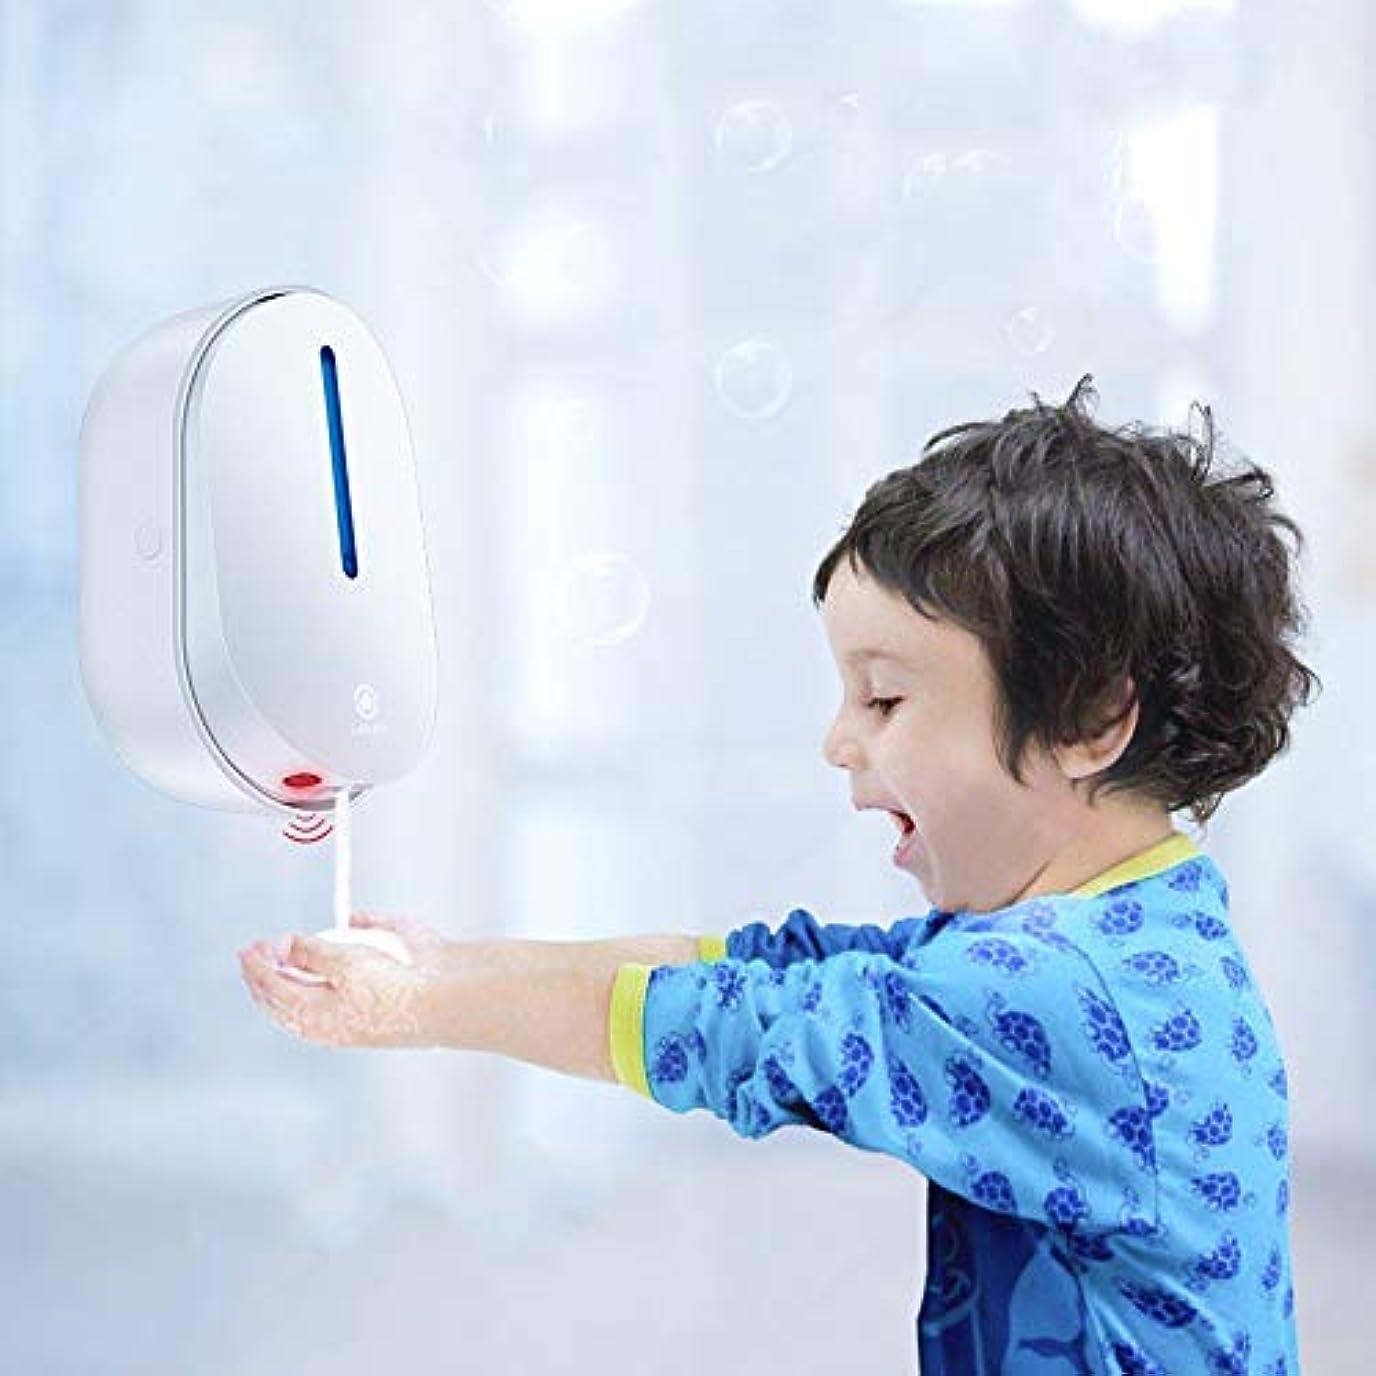 考案する剛性十分ではないソープディスペンサー 容量500mlプレミアムタッチレスバッテリーは自動ソープディスペンサー調整可能ソープディスペンシングボリュームコントロールダイヤル運営しました ハンドソープ 食器用洗剤 キッチン 洗面所などに適用...